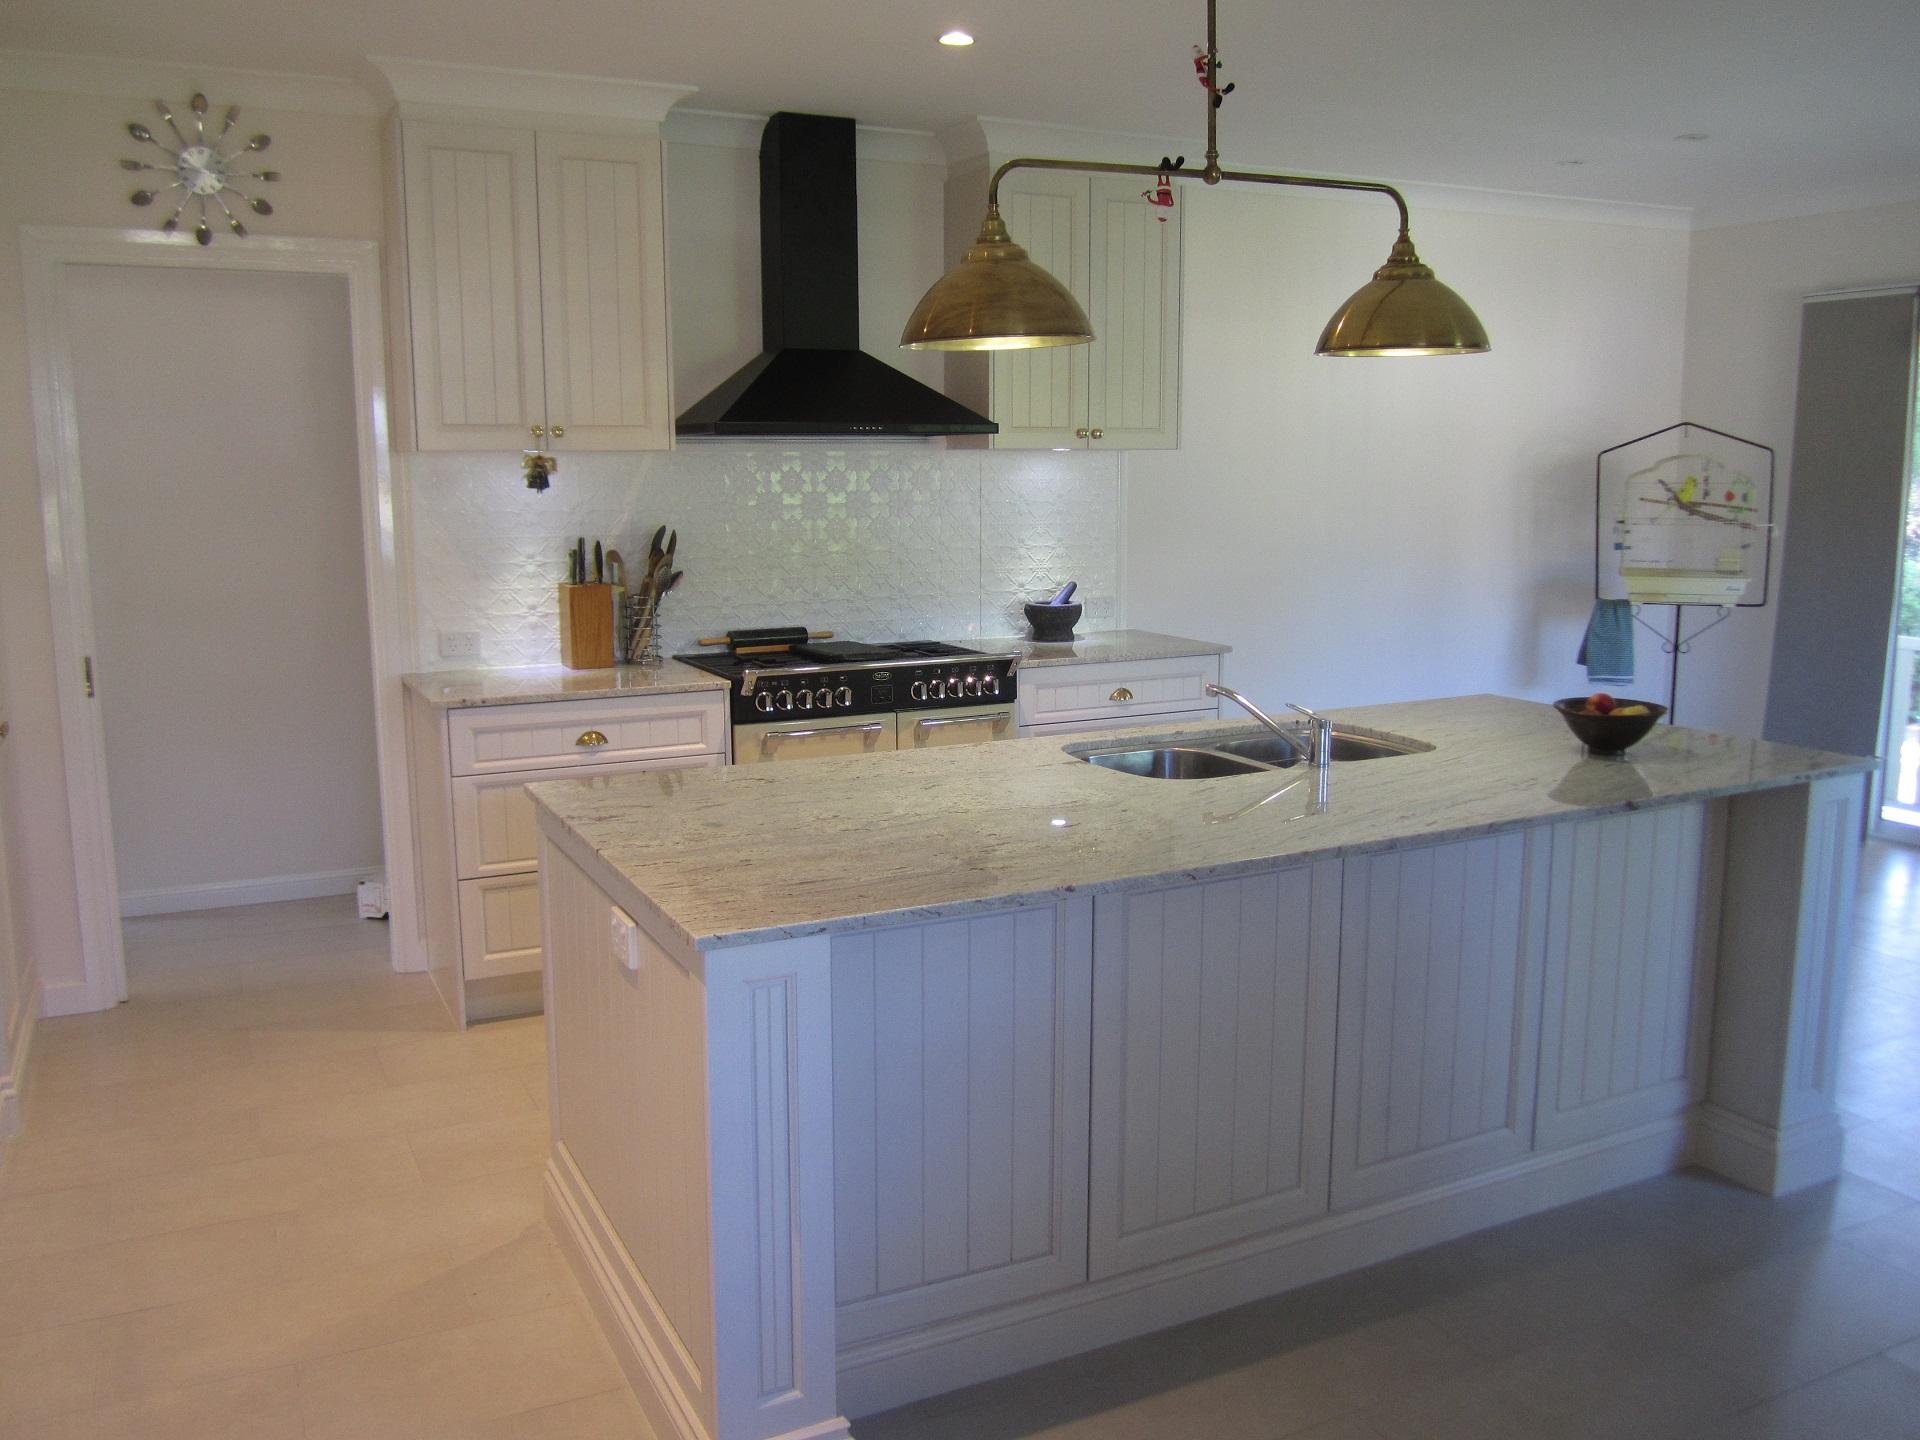 brisbane-kitchen-design-brookfield-shaker-vj-traditional-kitchen-9